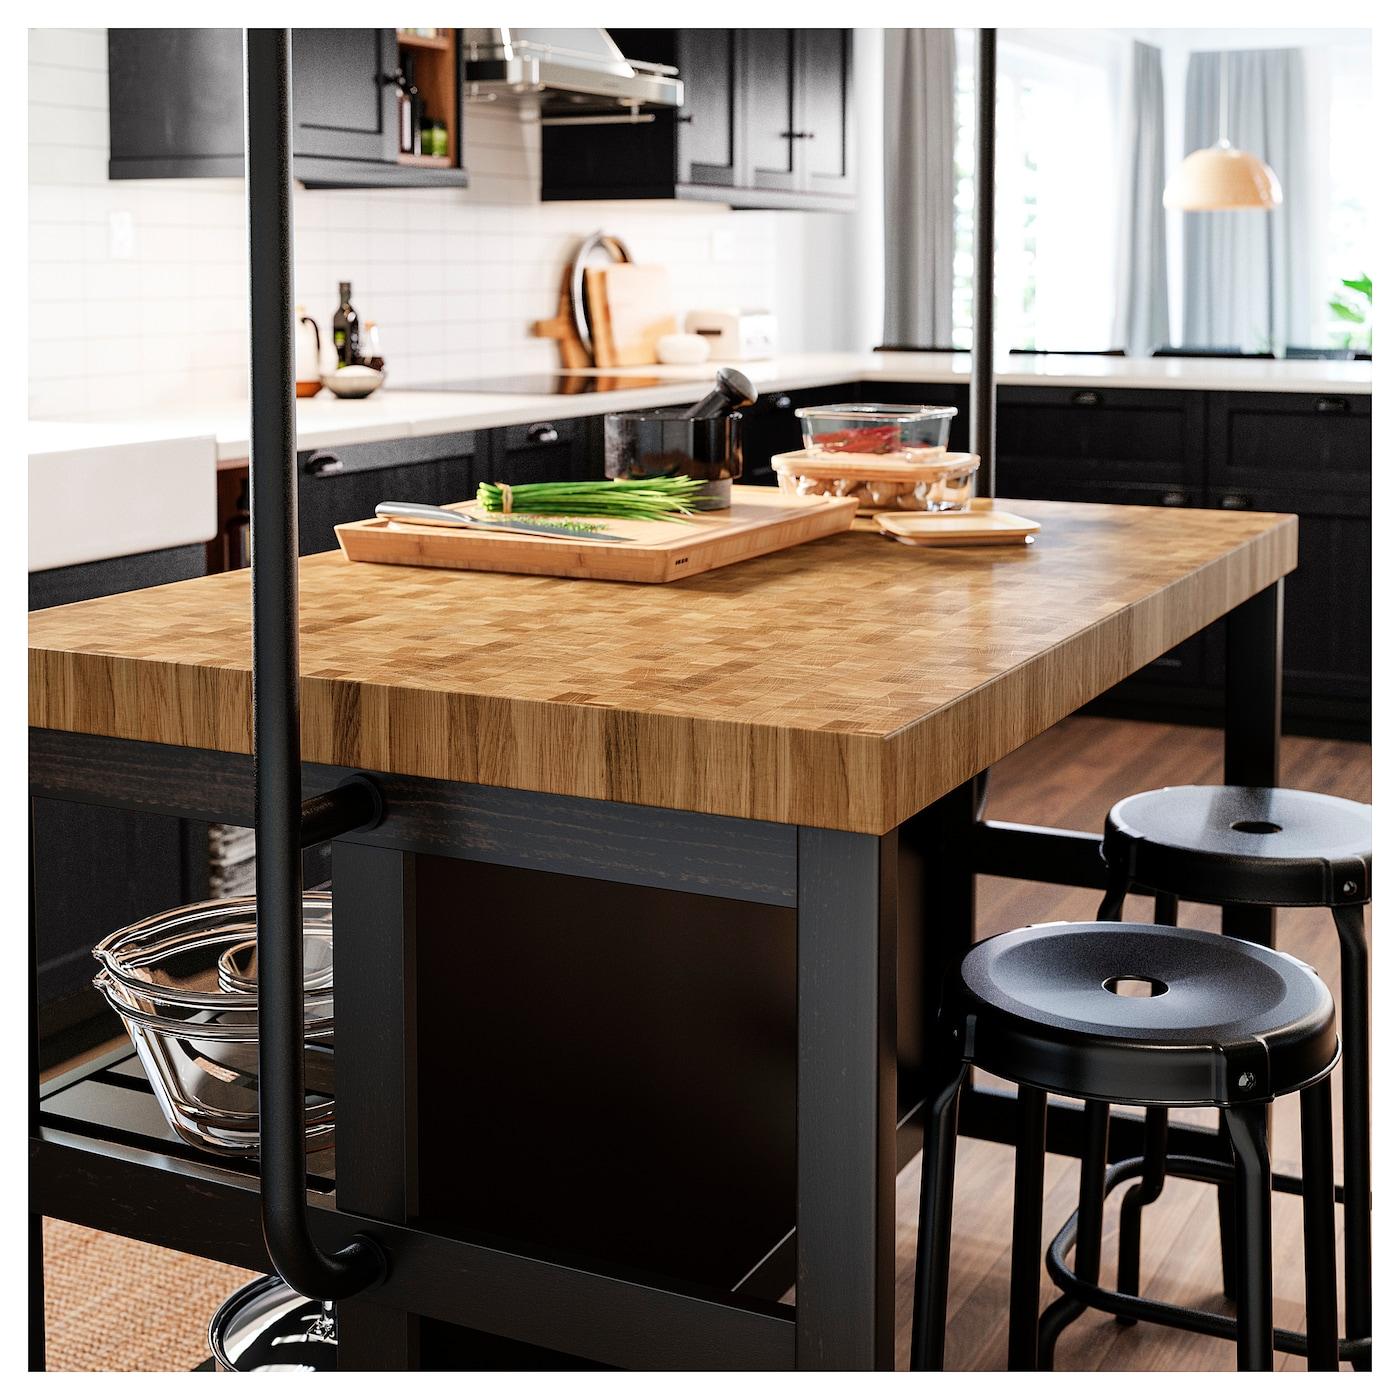 Full Size of Inselküche Ikea Vadholma Kcheninsel Modulküche Betten 160x200 Küche Kaufen Kosten Sofa Mit Schlaffunktion Miniküche Bei Abverkauf Wohnzimmer Inselküche Ikea